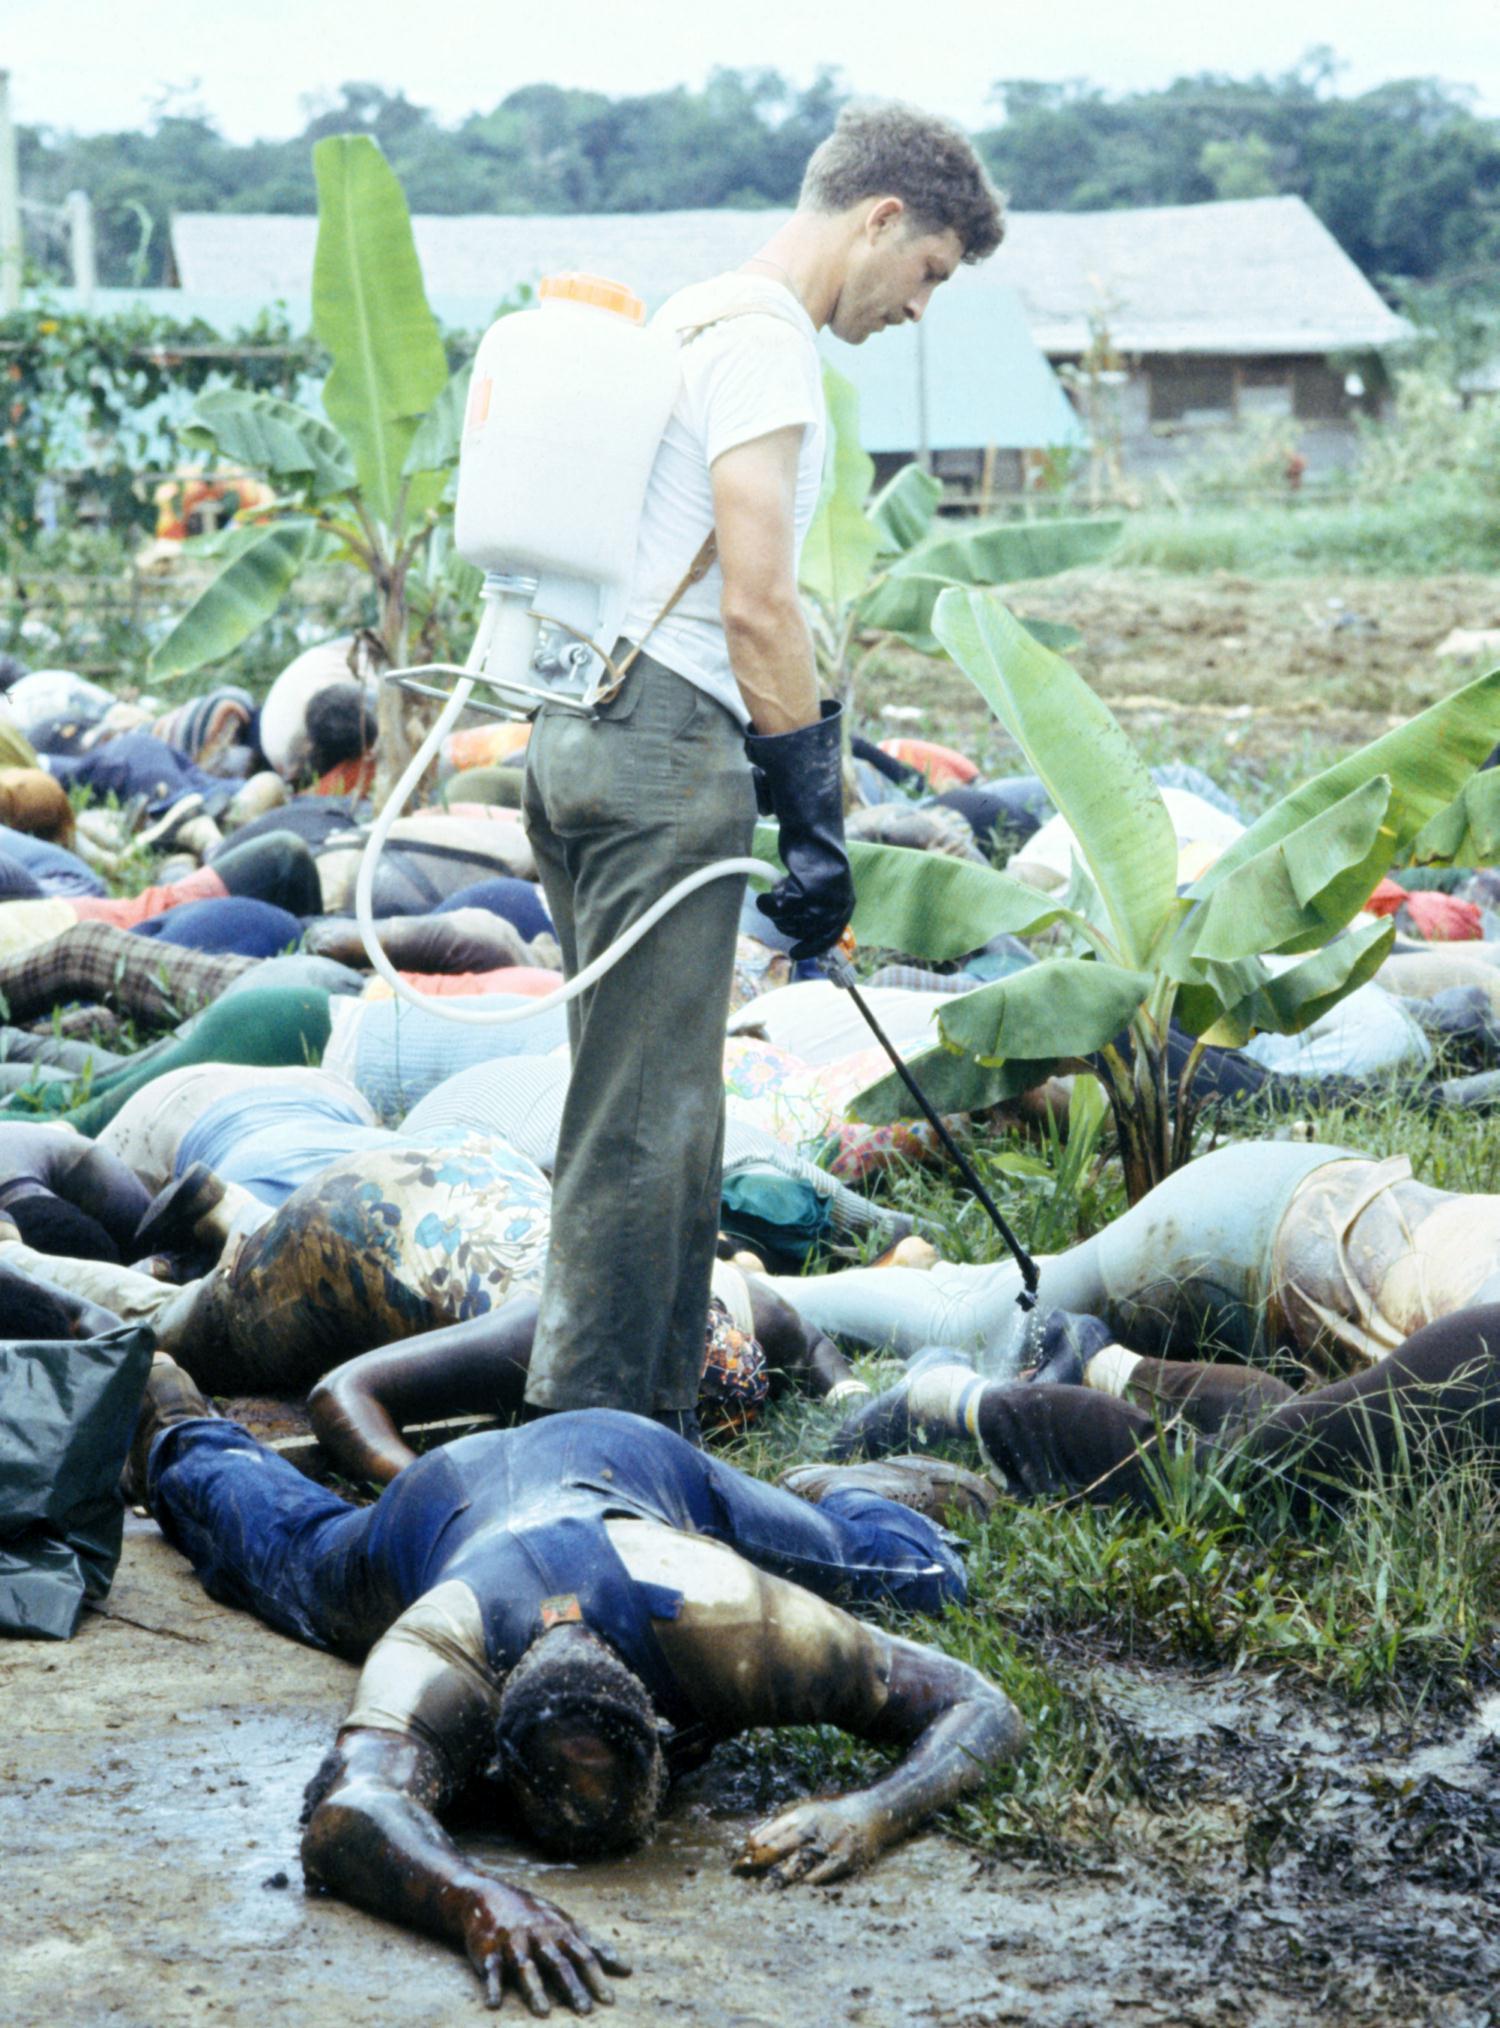 1978. Guyanában, Jonestownban a tömeges öngyilkosságot elkövetett Népek Temploma szekta tagjainak holtteste amerikai katona fertőtlenítőszerrel fecskendezi le, mielőtt hazaszállítanák az Államokba..jpg